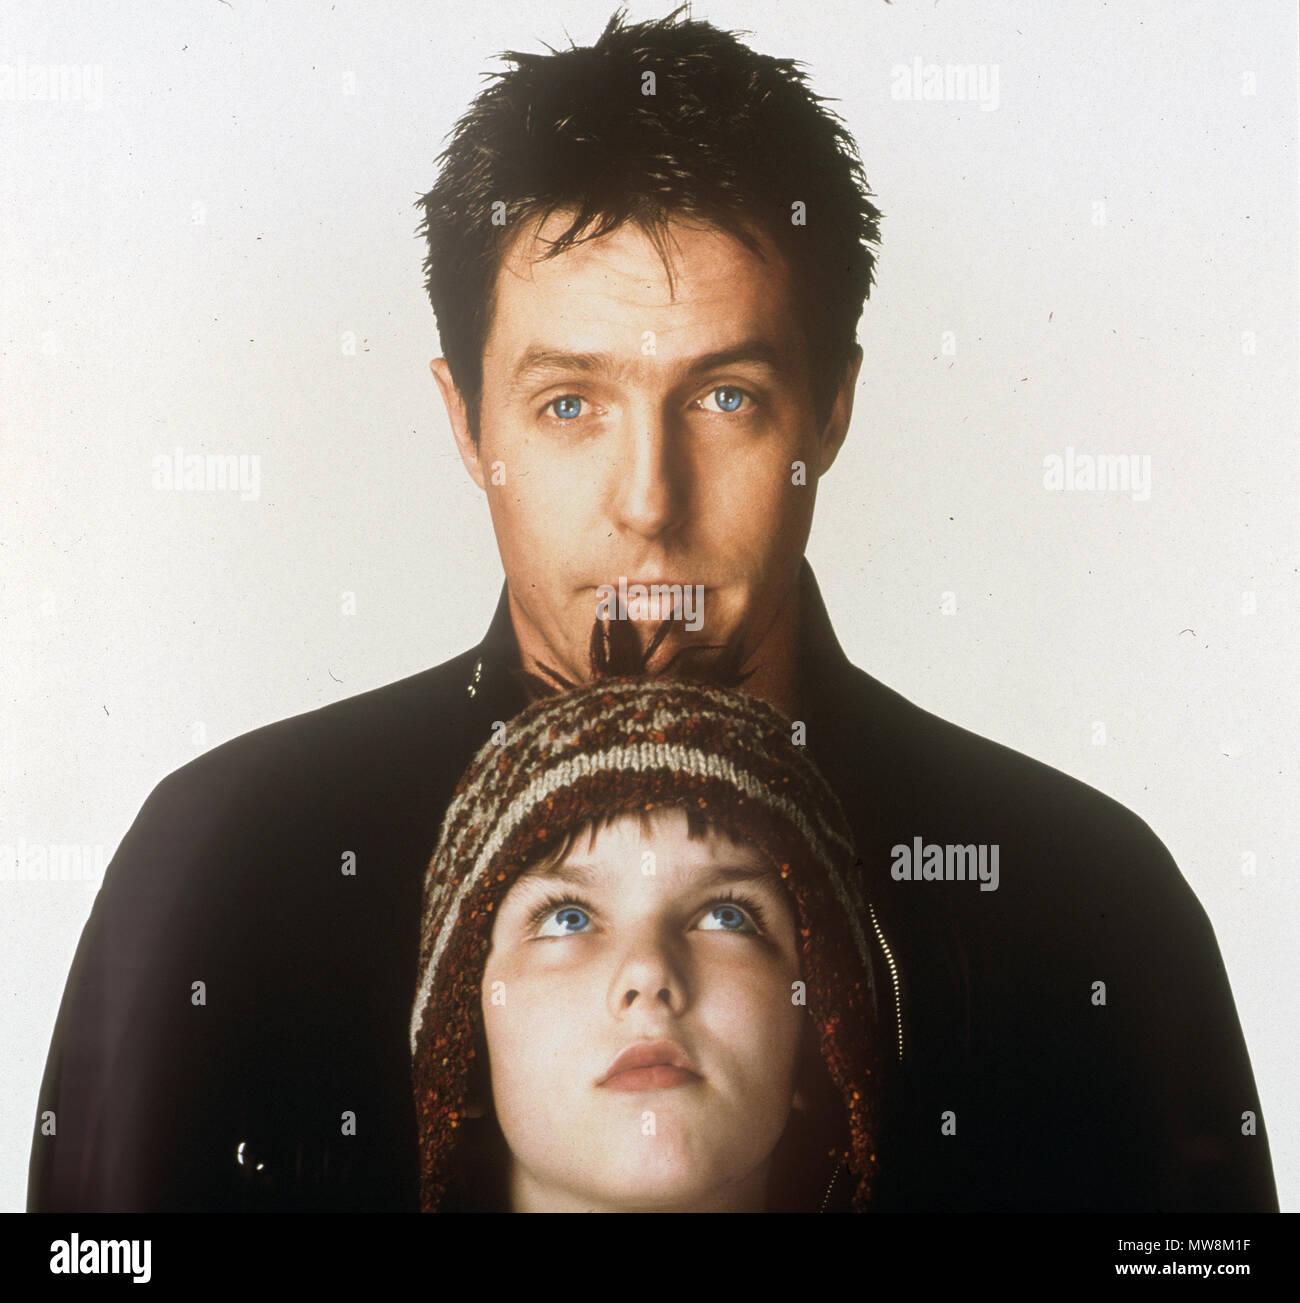 Über einen Jungen 2002 Universal Pictures Film mit Hugh Grant (oben) und Nicholas Hoult Stockfoto